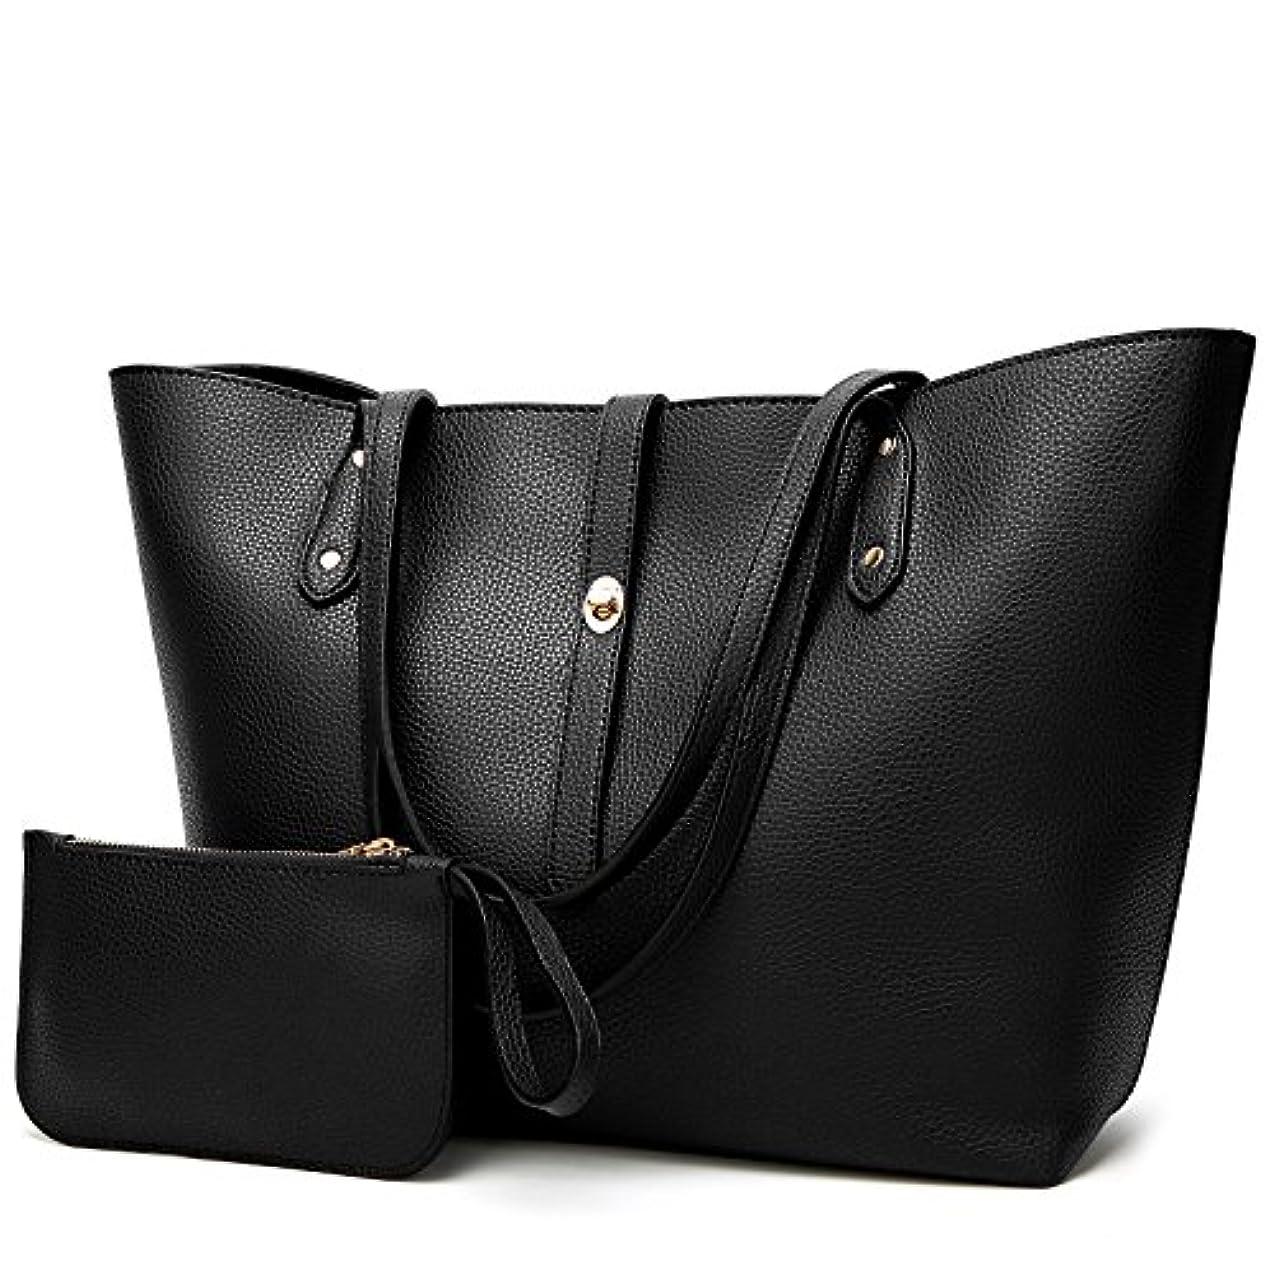 雪だるま成熟オズワルド[TcIFE] ハンドバッグ レディース トートバッグ 大容量 無地 ショルダーバッグ 2way 財布とハンドバッグ